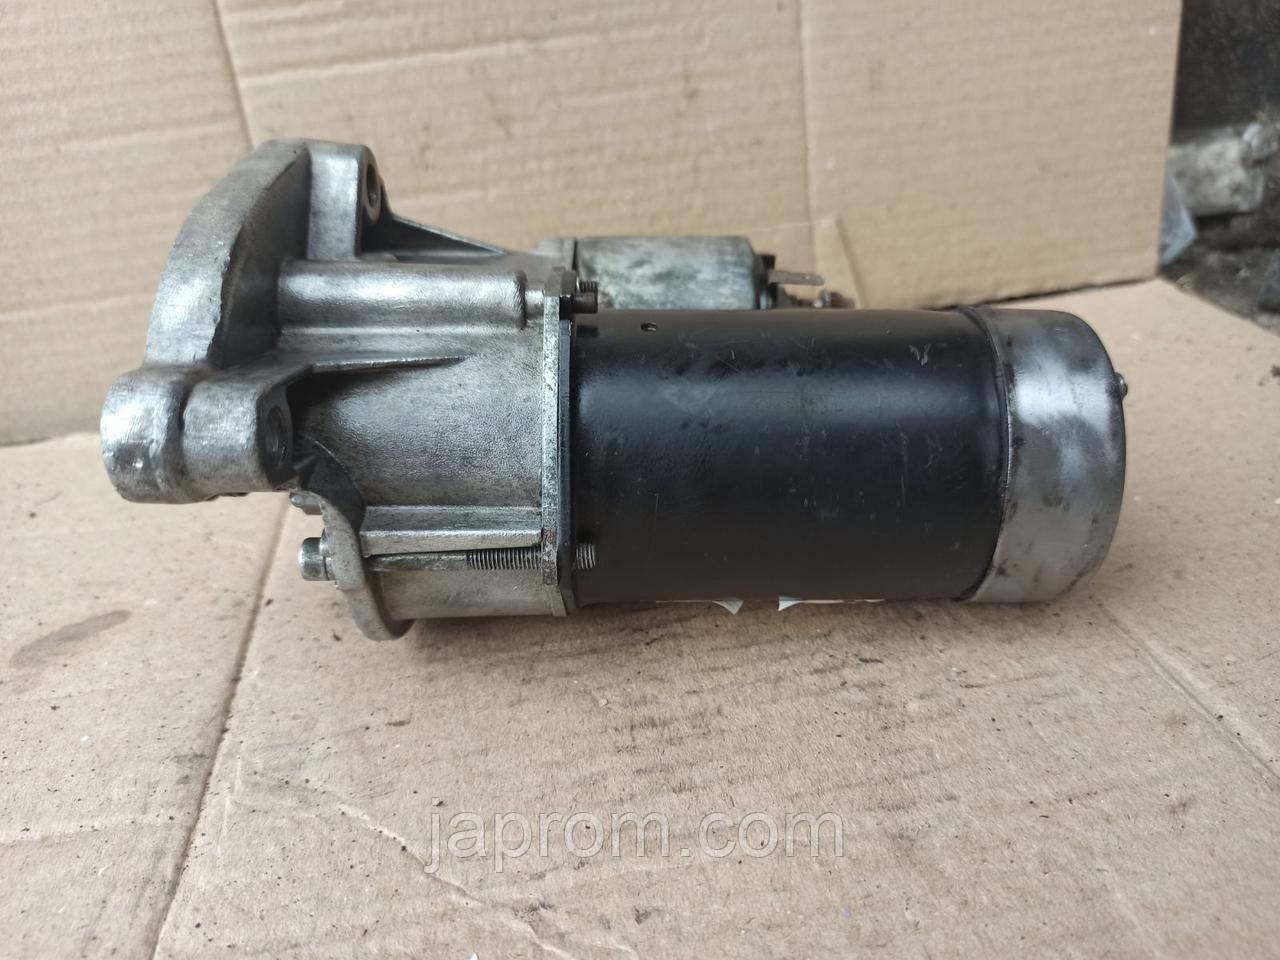 Стартер Citroen C2 C3 C4 Berlingo Xsara Peugeot 205 206 301 306 307 308 309 1.4 1.6 бензин EP6